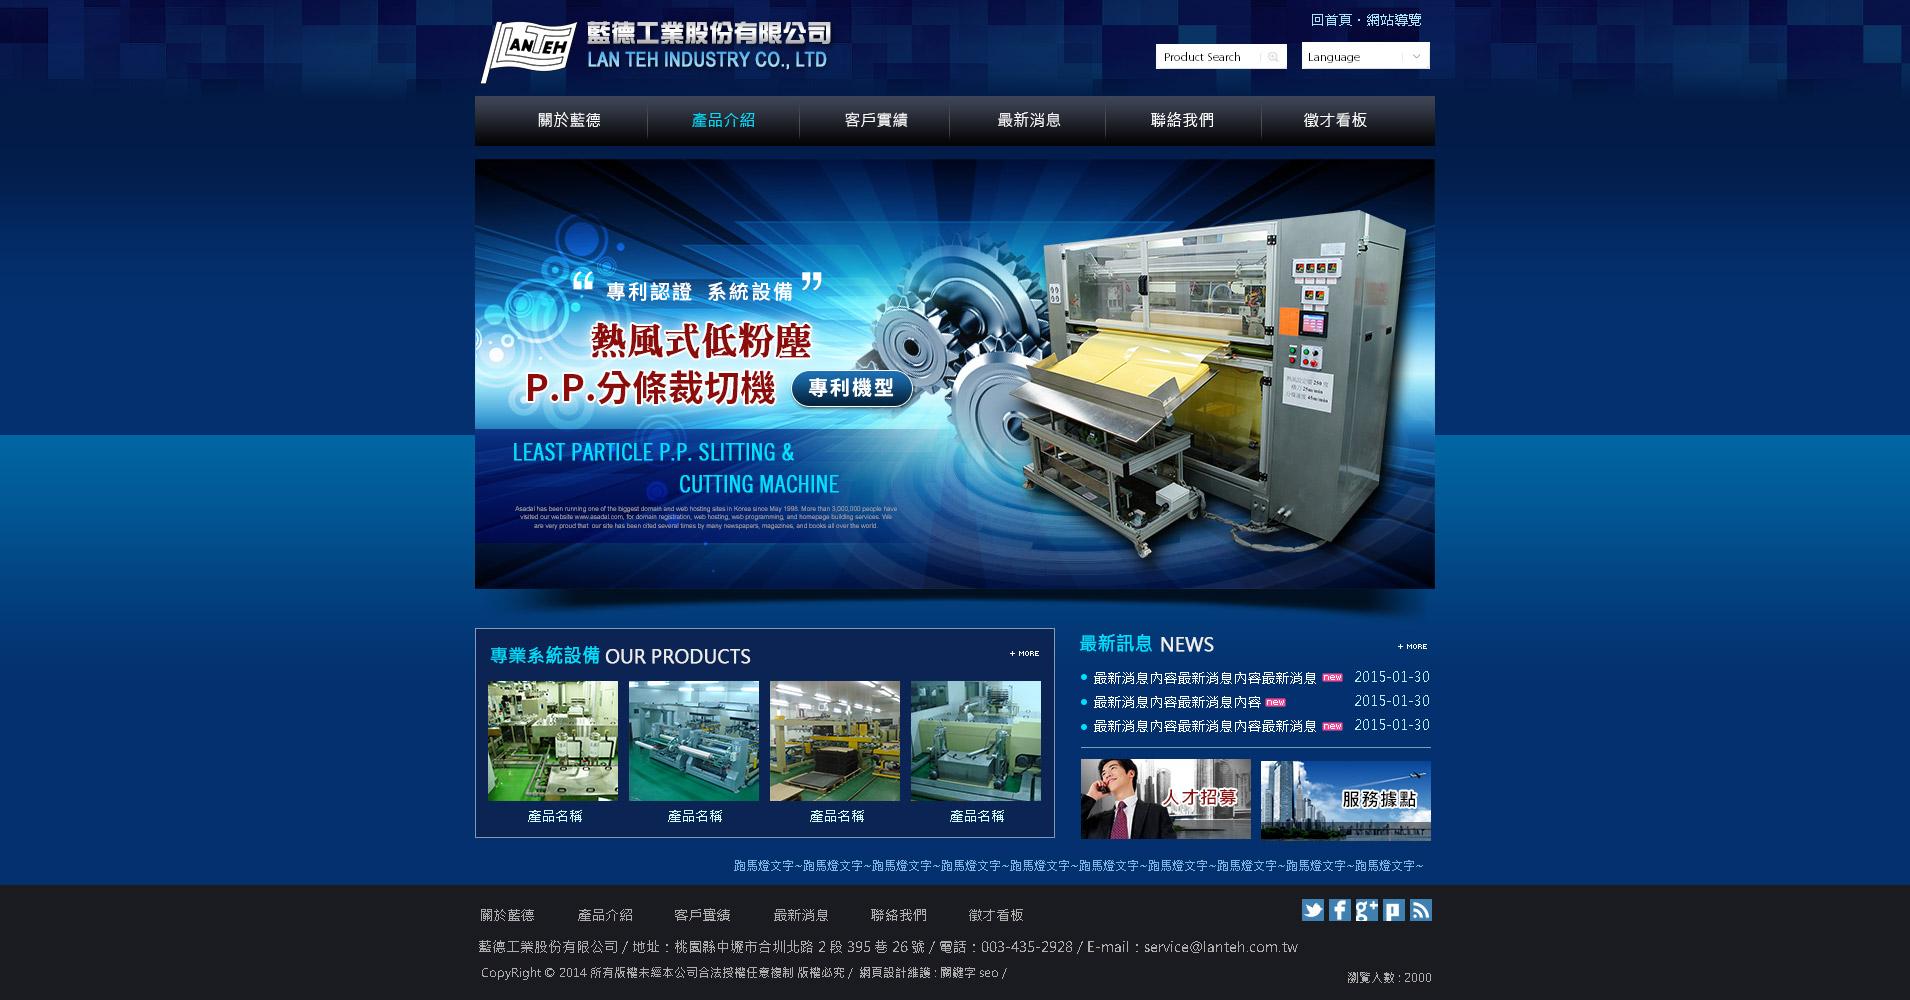 兰德工业网页设计图片